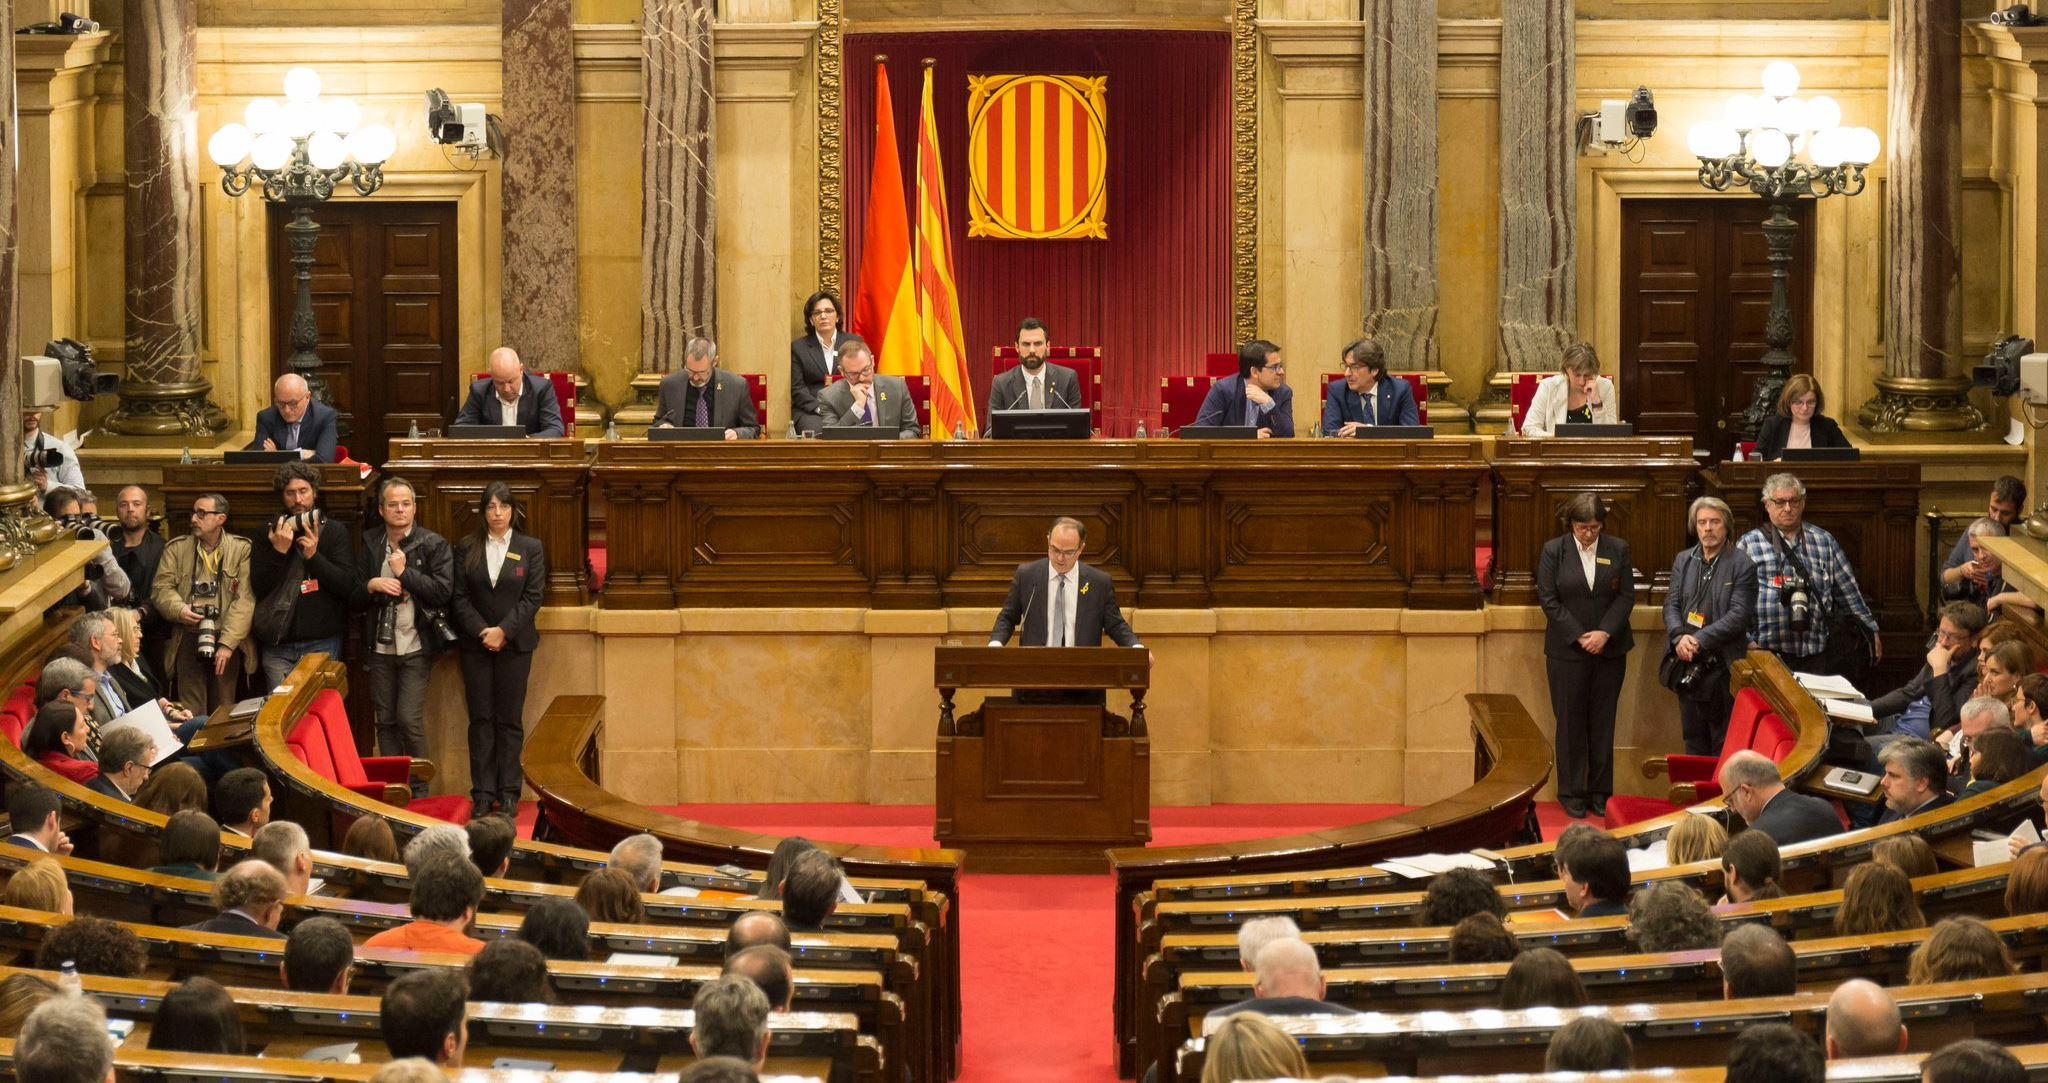 Jordi Turull lee su discurso en el Parlament de Catalunya durante la sesión de investidura de ayer